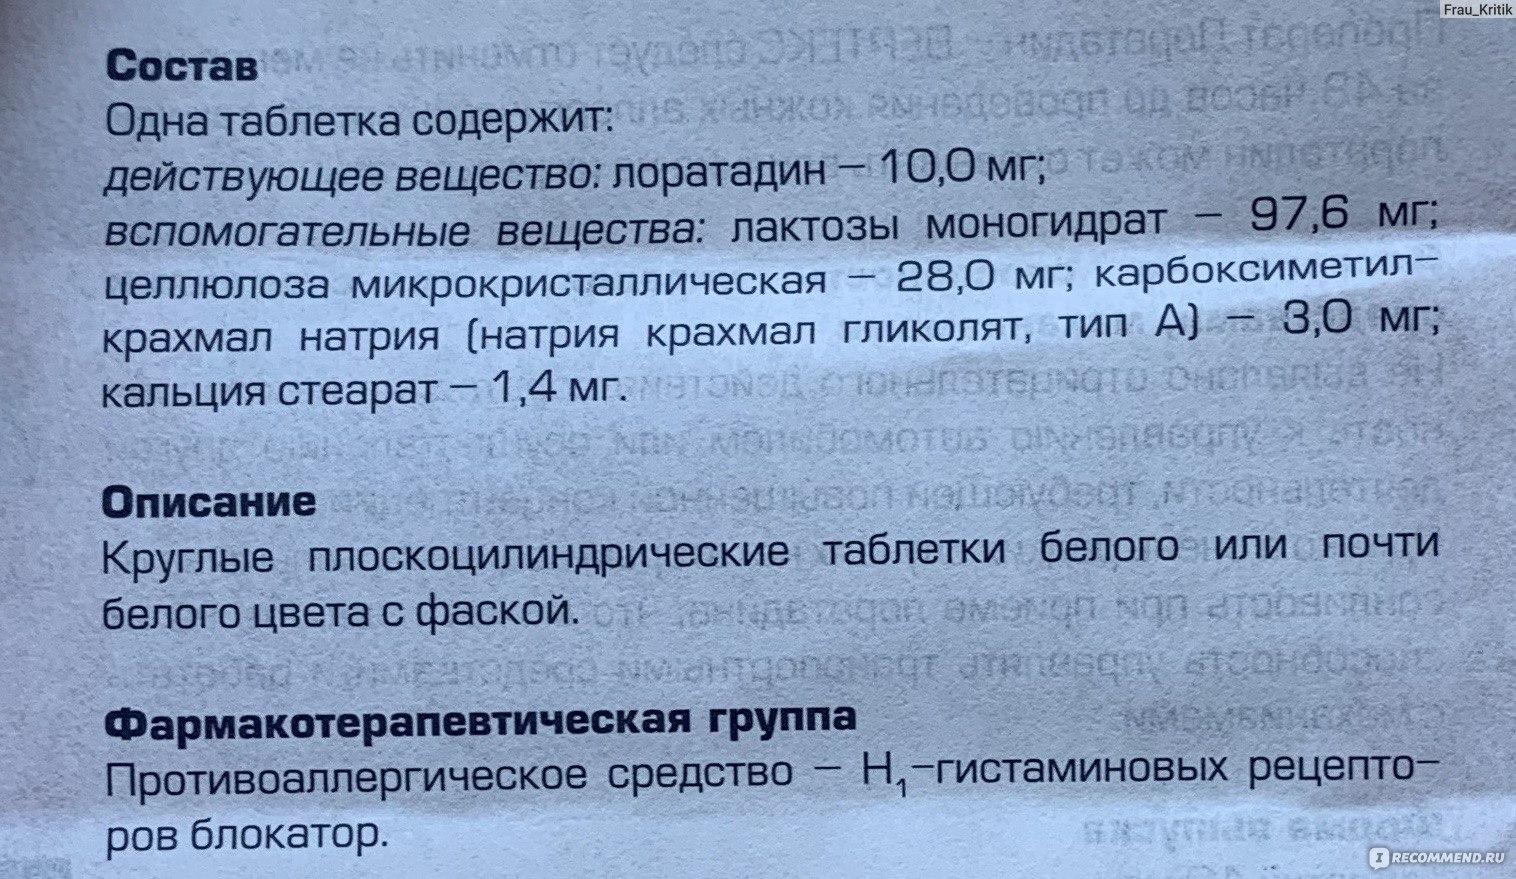 Эффективный препарат лоратадин от признаков аллергии